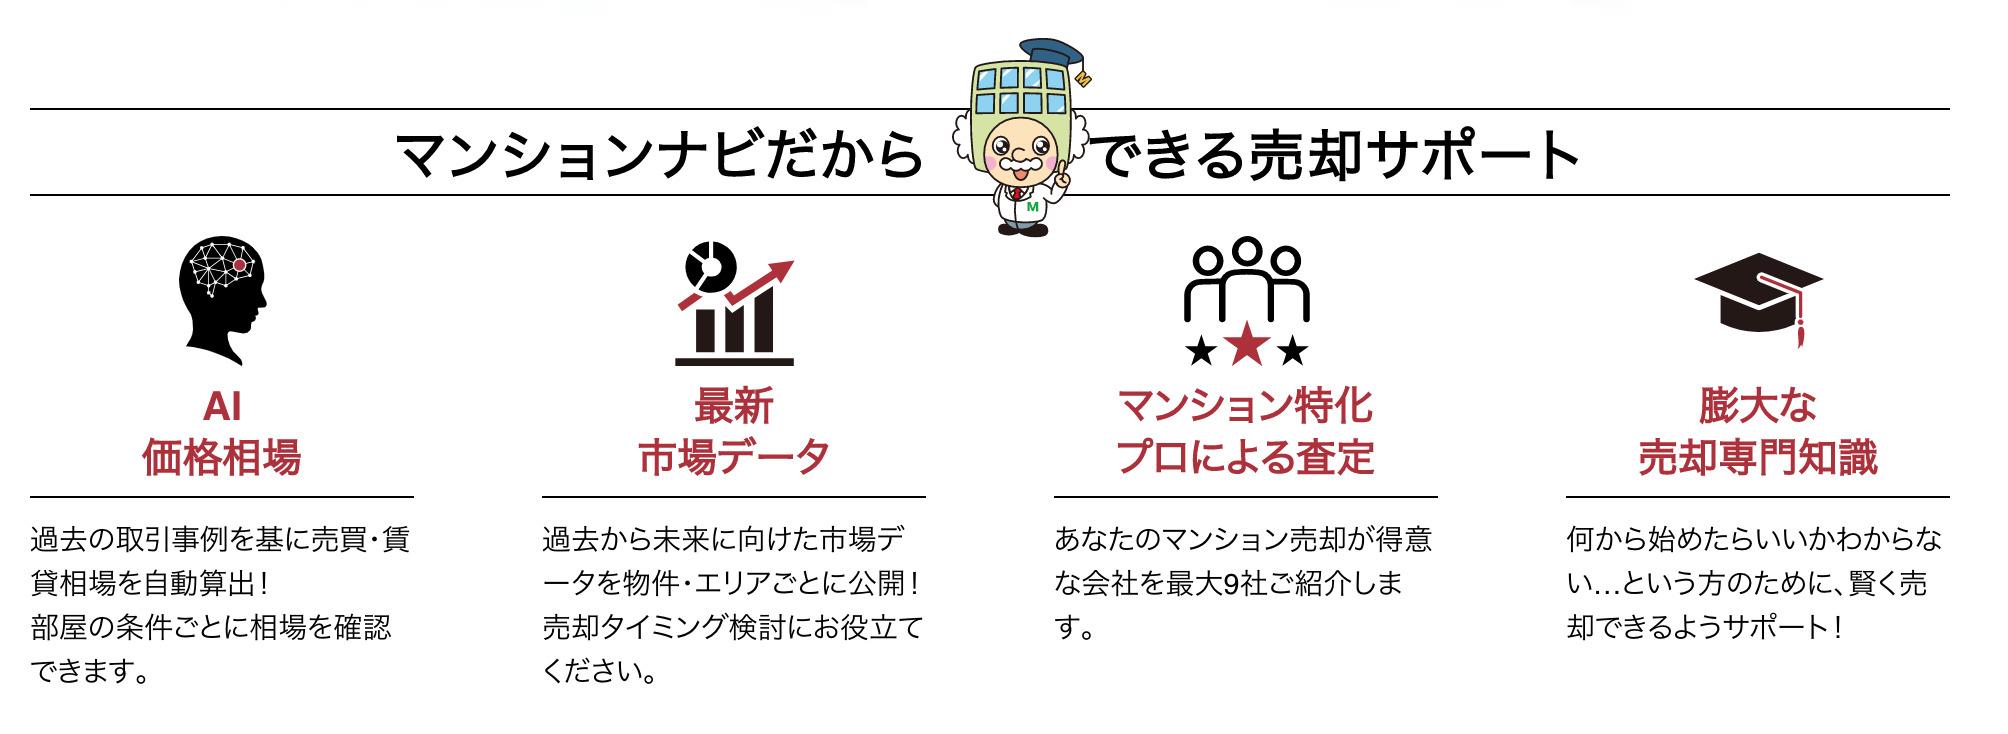 マンションナビ _トップ